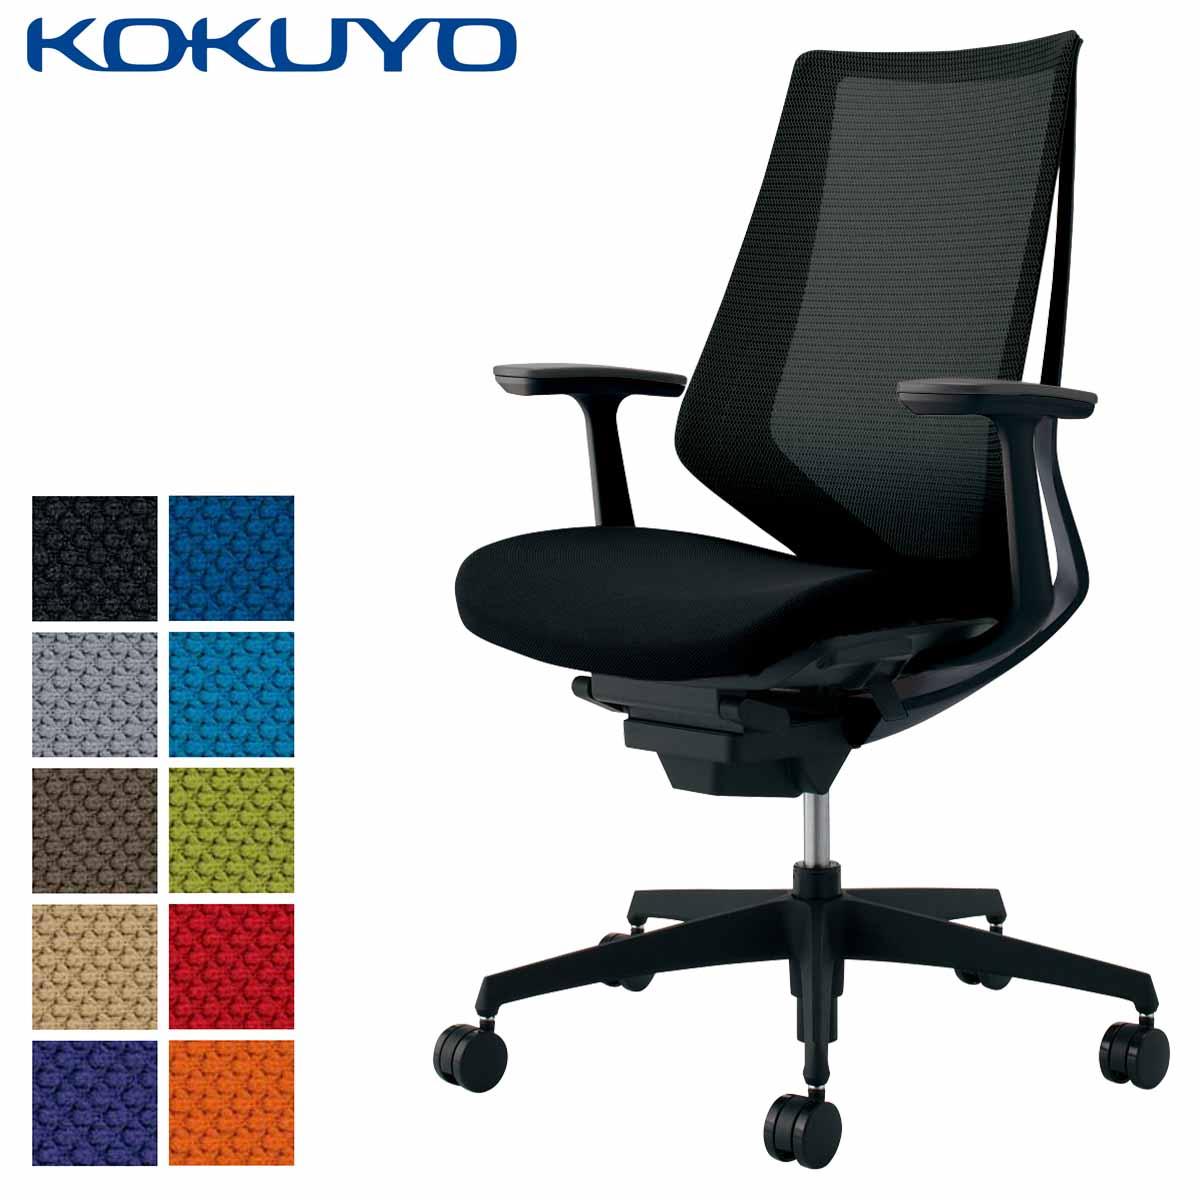 コクヨ デスクチェア オフィスチェア 椅子 duora デュオラ CR-G3001E6 メッシュタイプ ハイバック T型肘 ブラックフレーム ランバーサポートなし ブラック樹脂脚 -v フローリング用キャスター